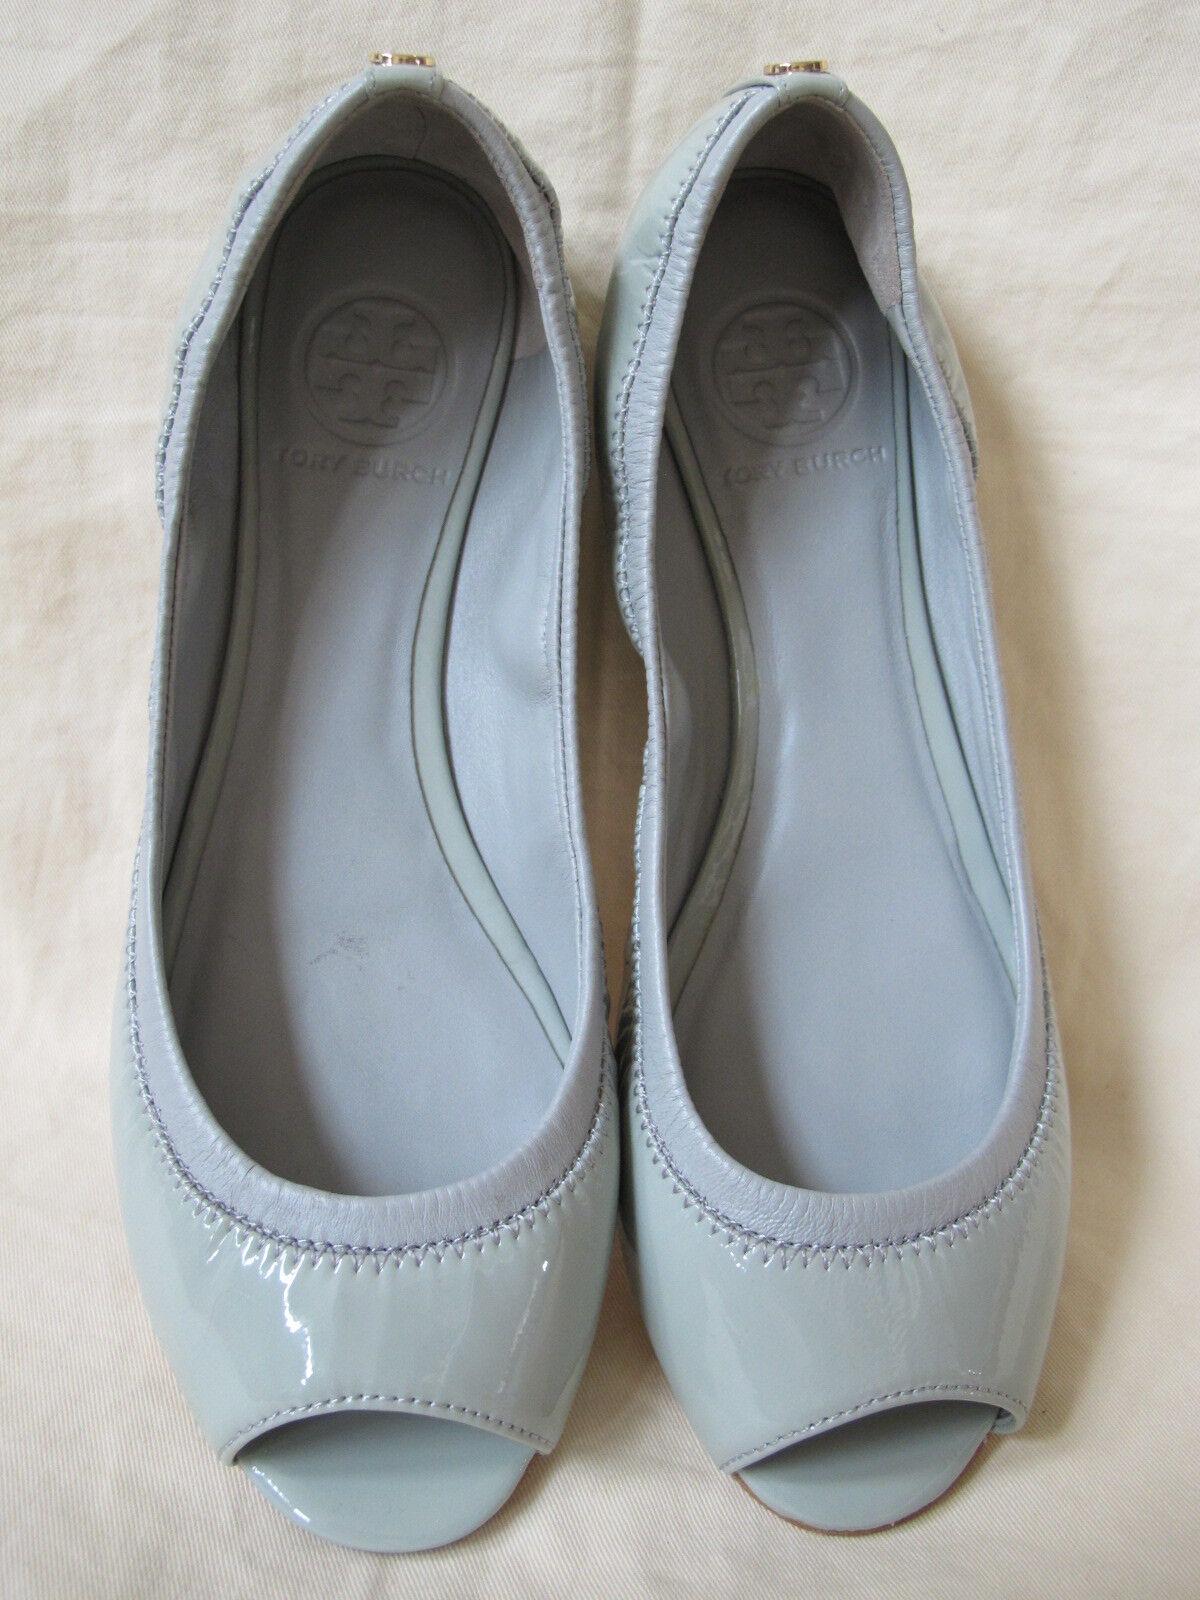 New Tory Burch Women's Eddie Eddie Eddie Peep Toe Ballet Flat (71 2)  12138234 807a2c